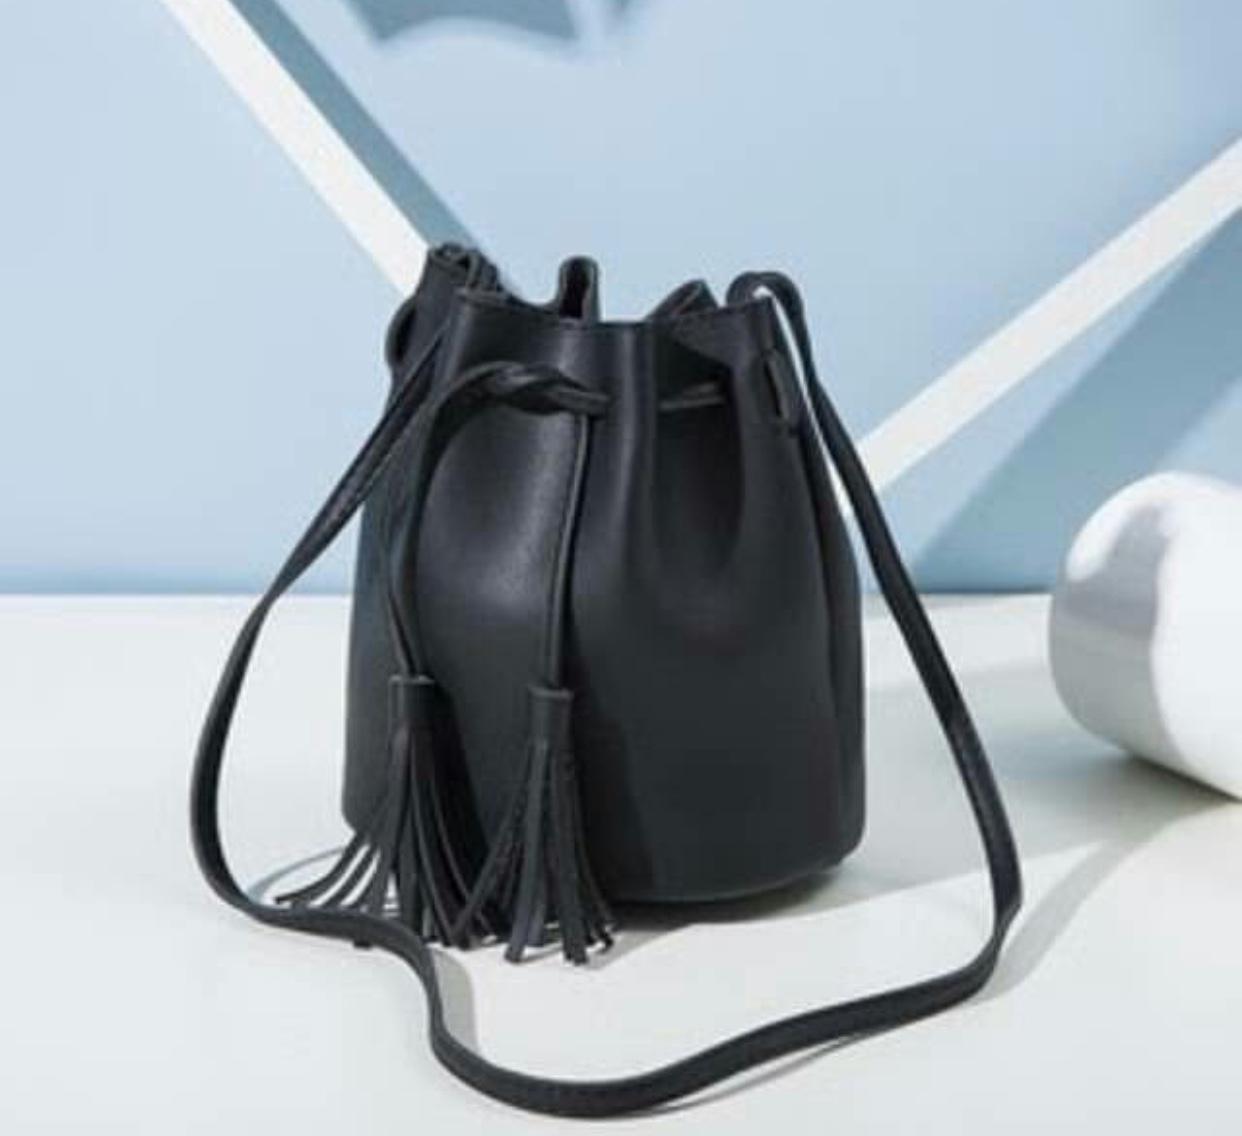 KAWAI - Tas Wanita/ Dompet Wanita/ Dompet Mini/ Dompet Fashion/Tas Selempang/ Tas Bahu Wanita/ Bucket Bag/ Tas serut miniso MNS-78